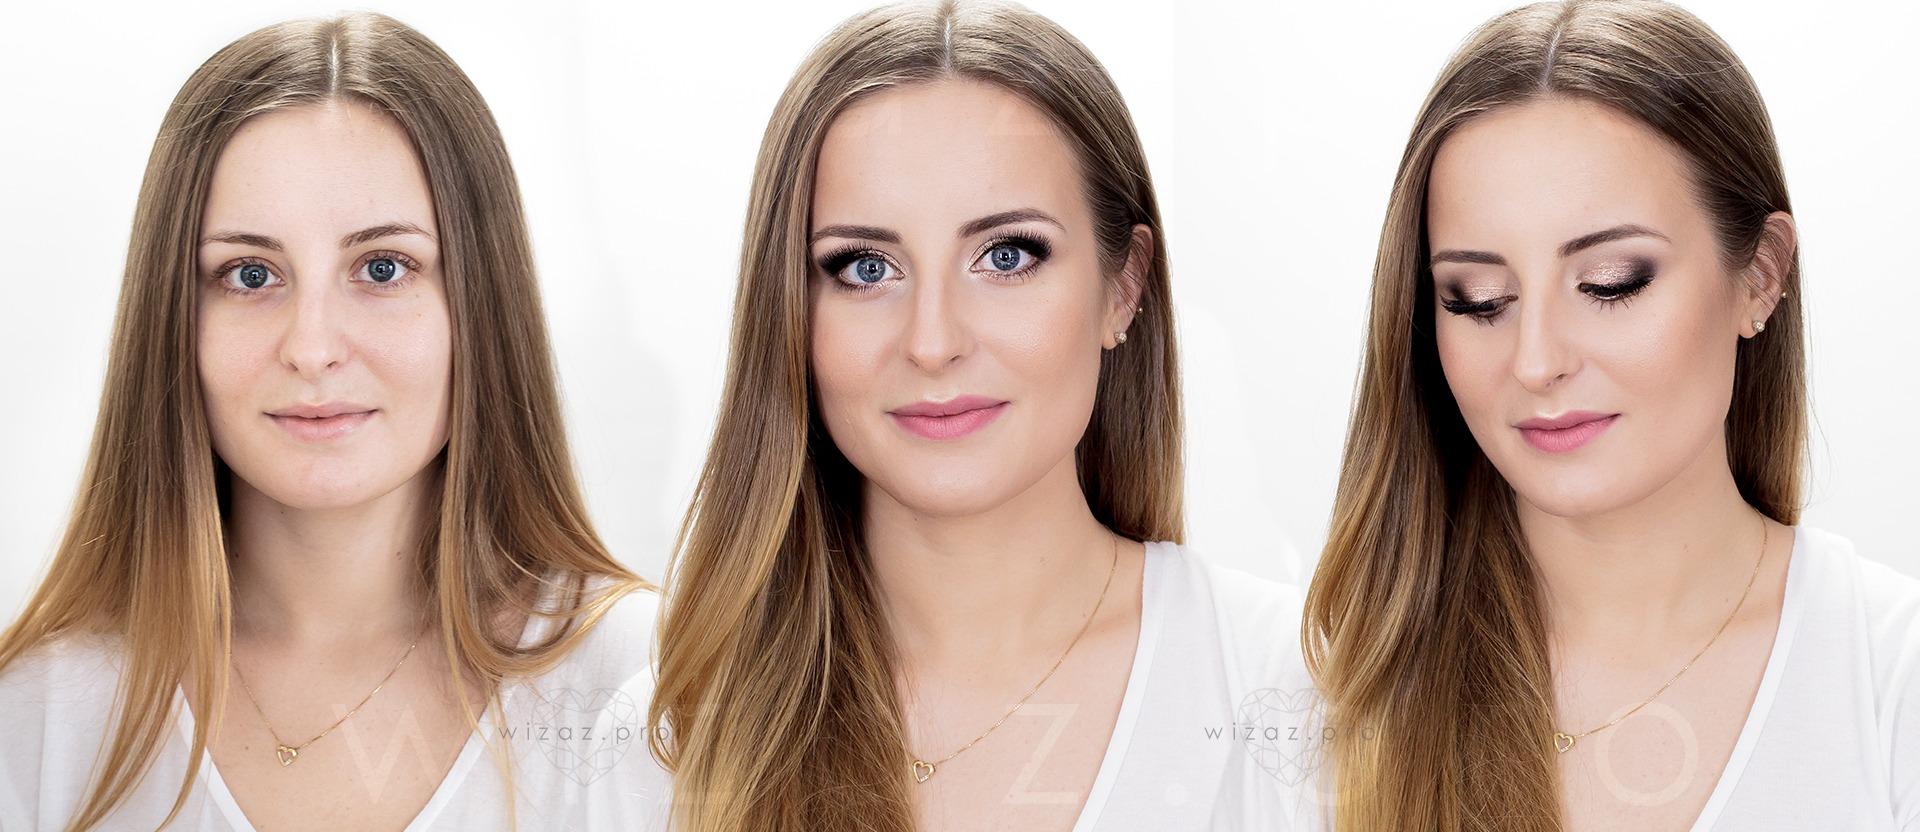 Makijaż ślubny rozświetlający dla blondynki - niebieskie oczy - Wizaż PRO Kraków